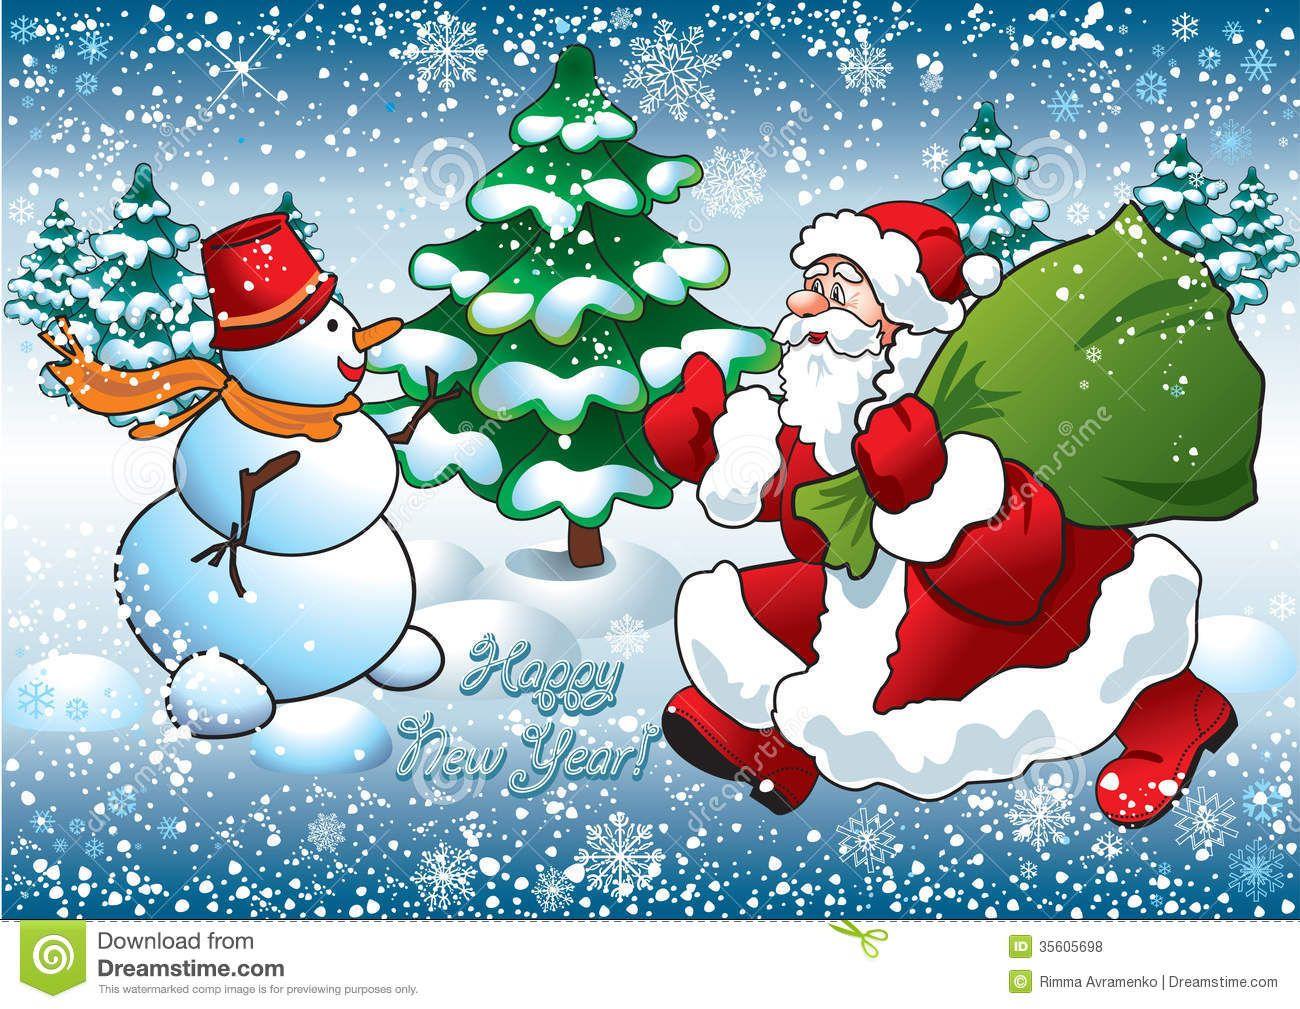 santa and snowman royalty free stock photos image 35605698 - Santa And Snowman